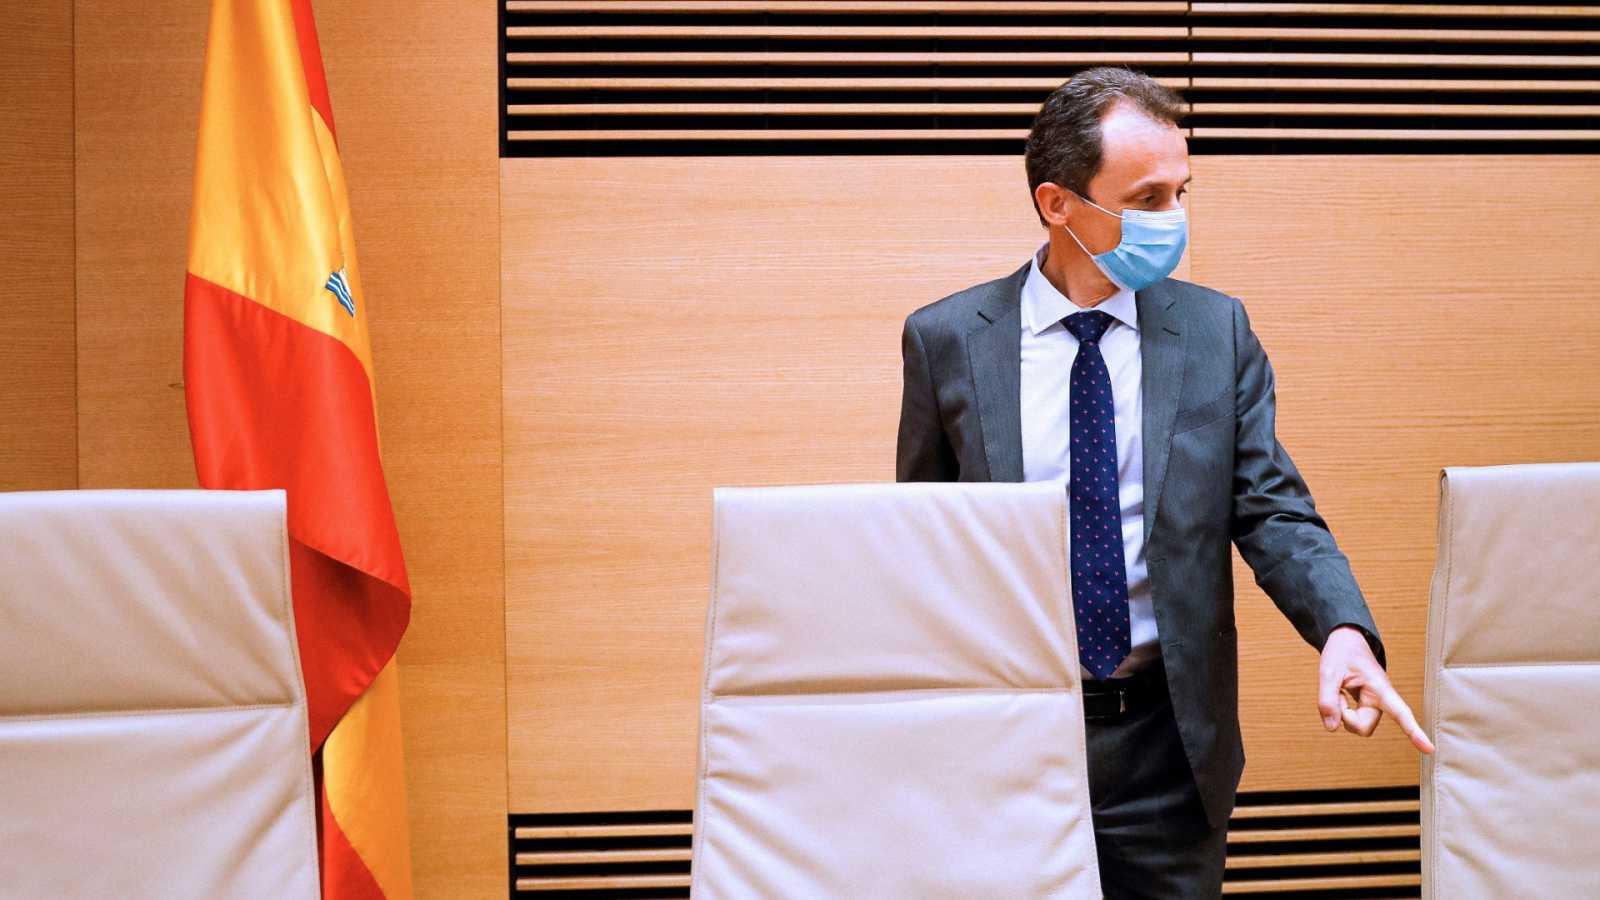 Ninguno de los proyectos españoles de vacuna contra la Covid-19 se encuentra aún en fase de ensayos clínicos